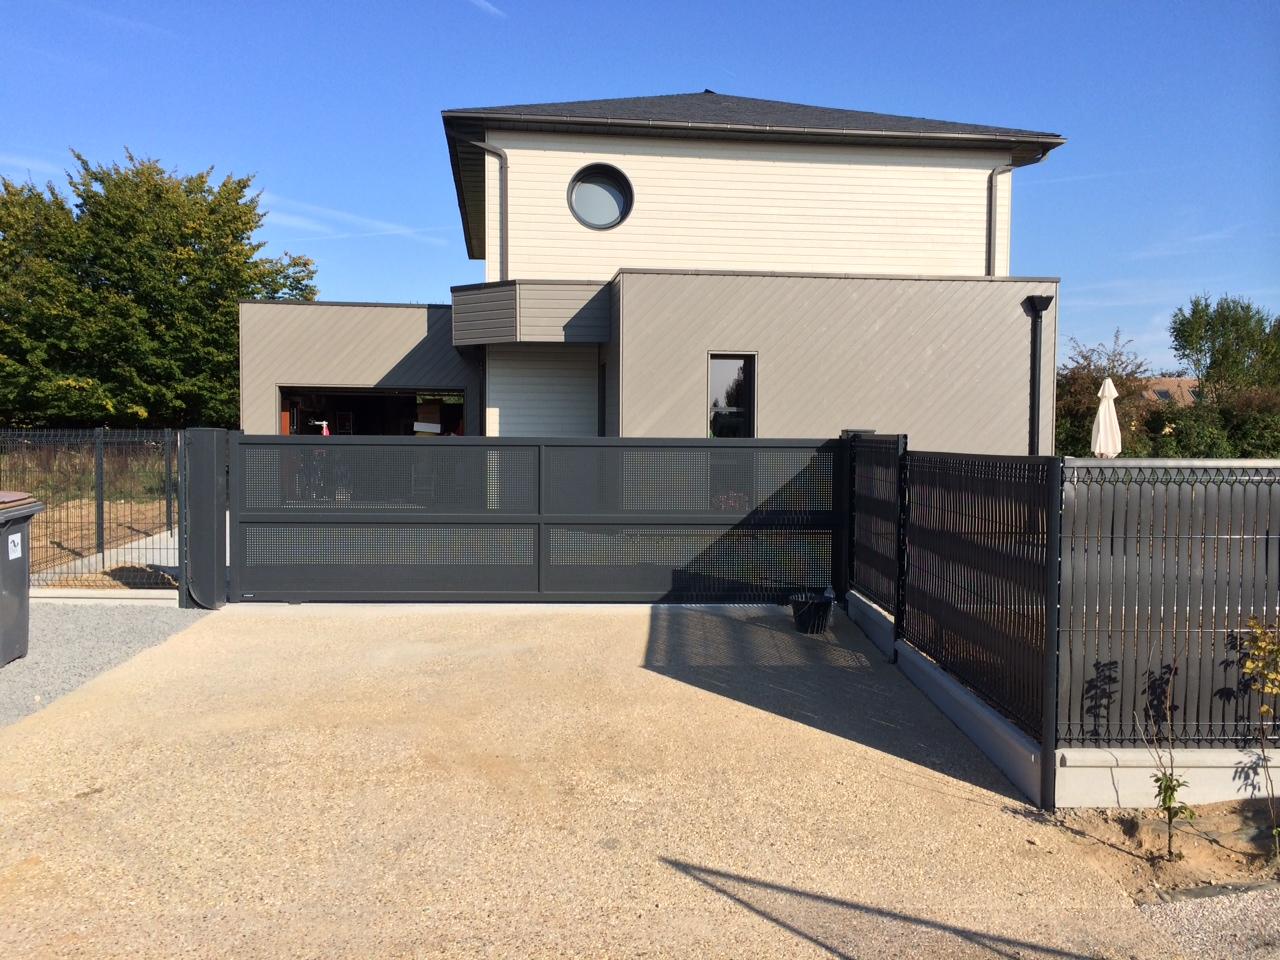 Installation portail coulissant motorisé sur mesure à La Londe